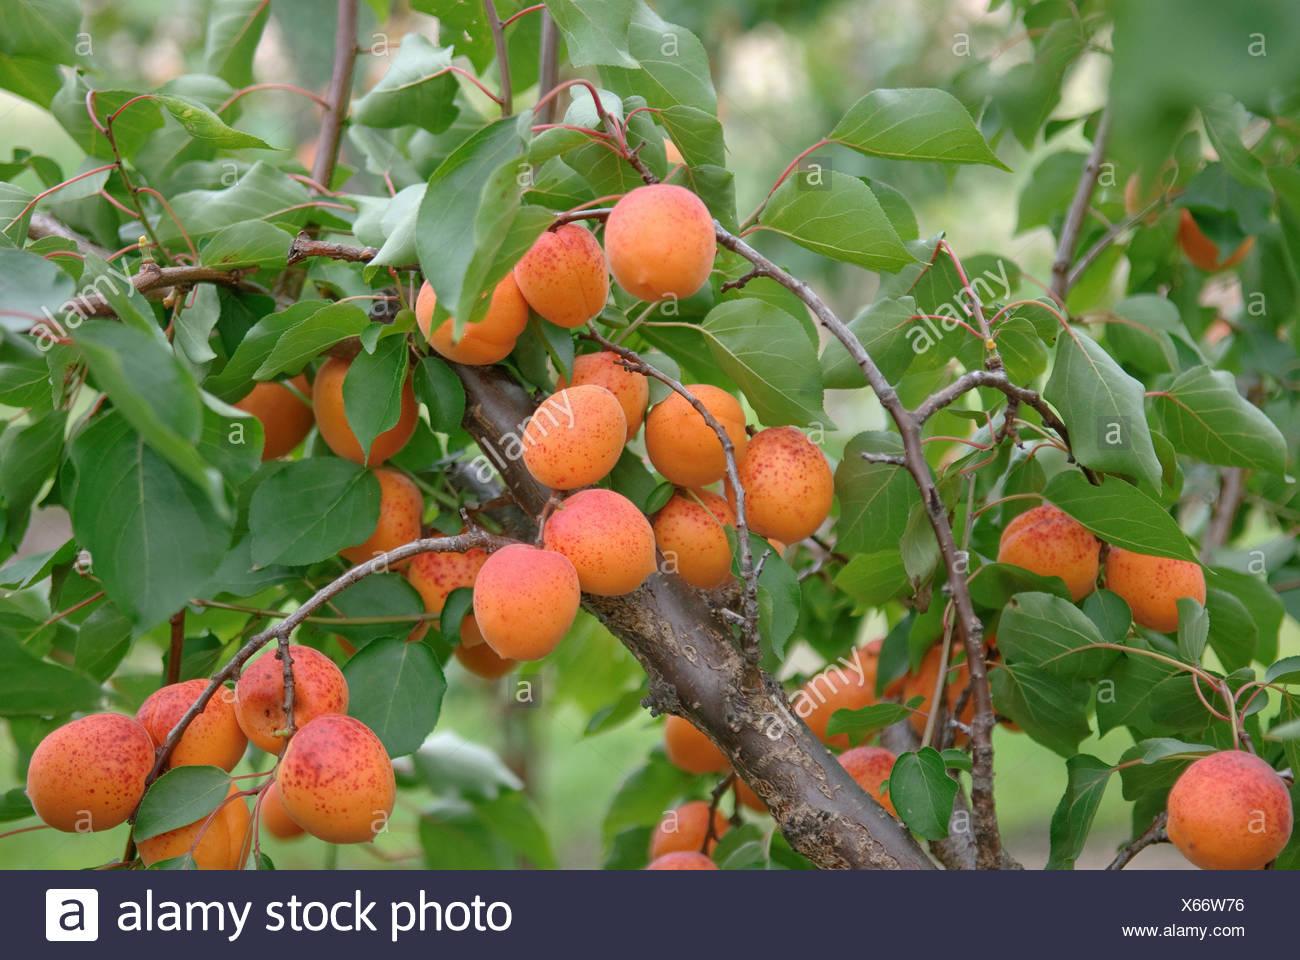 apricot tree (Prunus armeniaca 'Orangered', Prunus armeniaca Orangered), cultivar Orangered, apricots on a tree - Stock Image